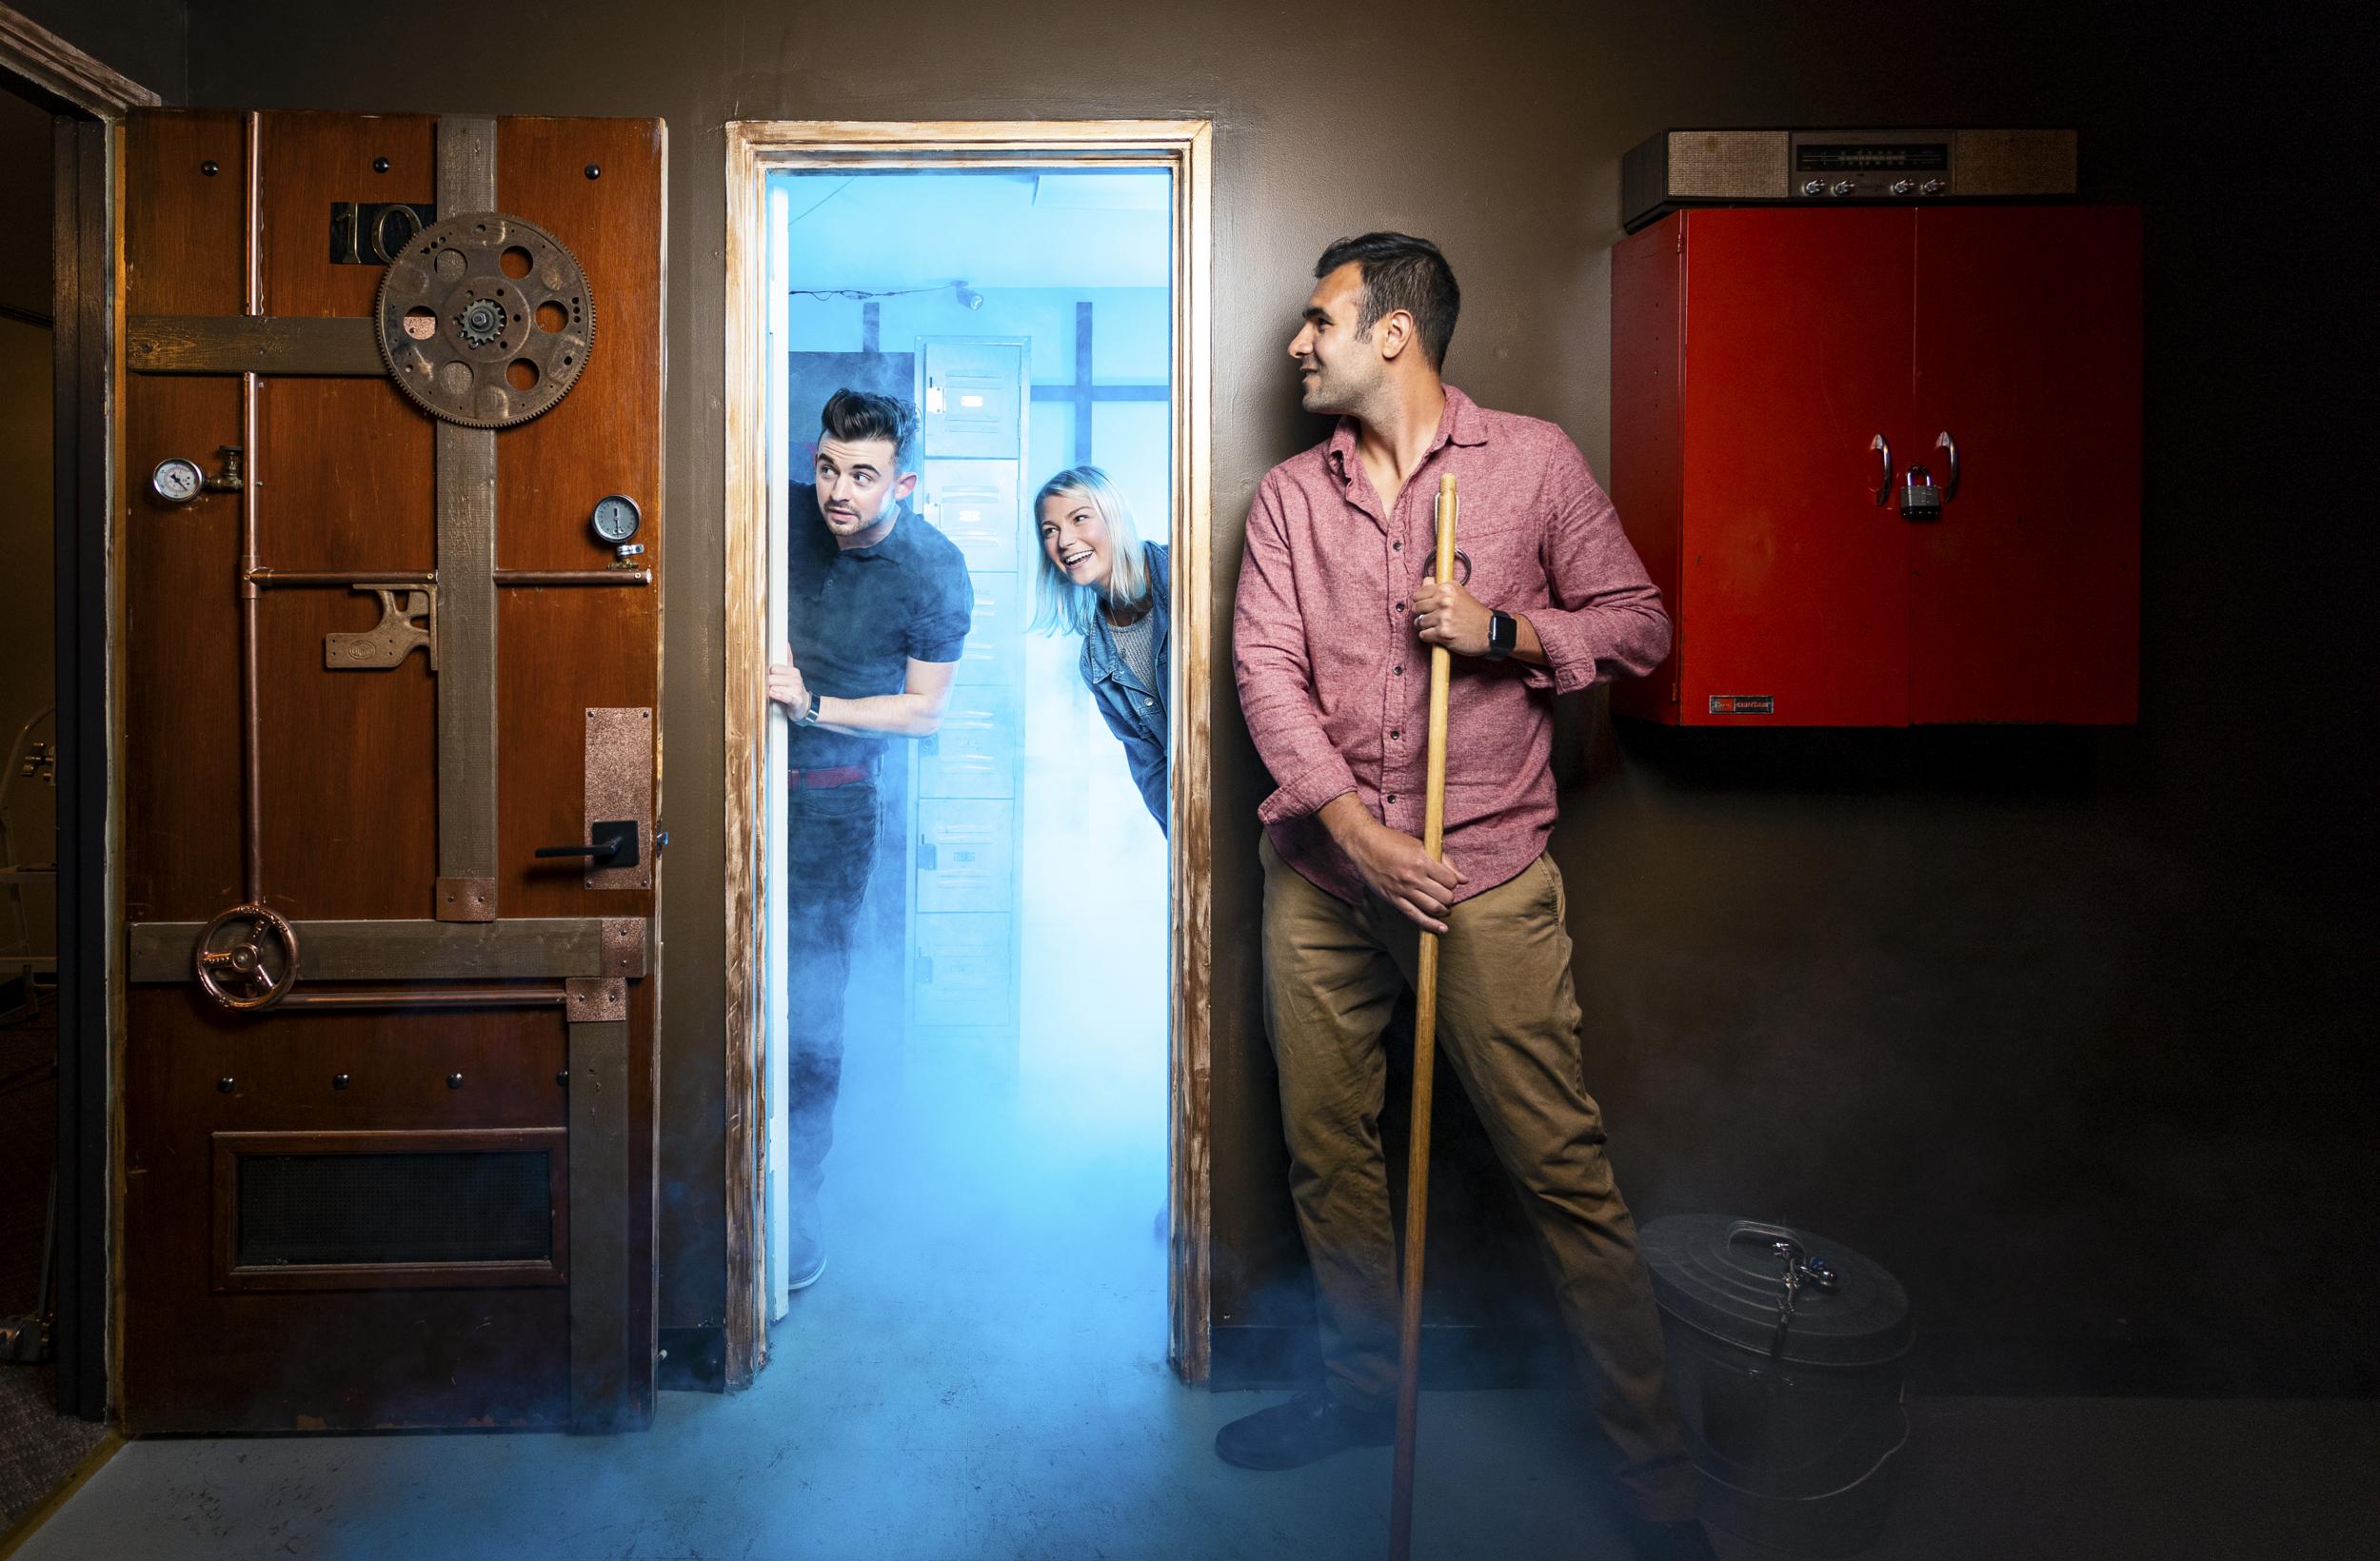 The Inventor's Enigma Escape Room Greenville SC